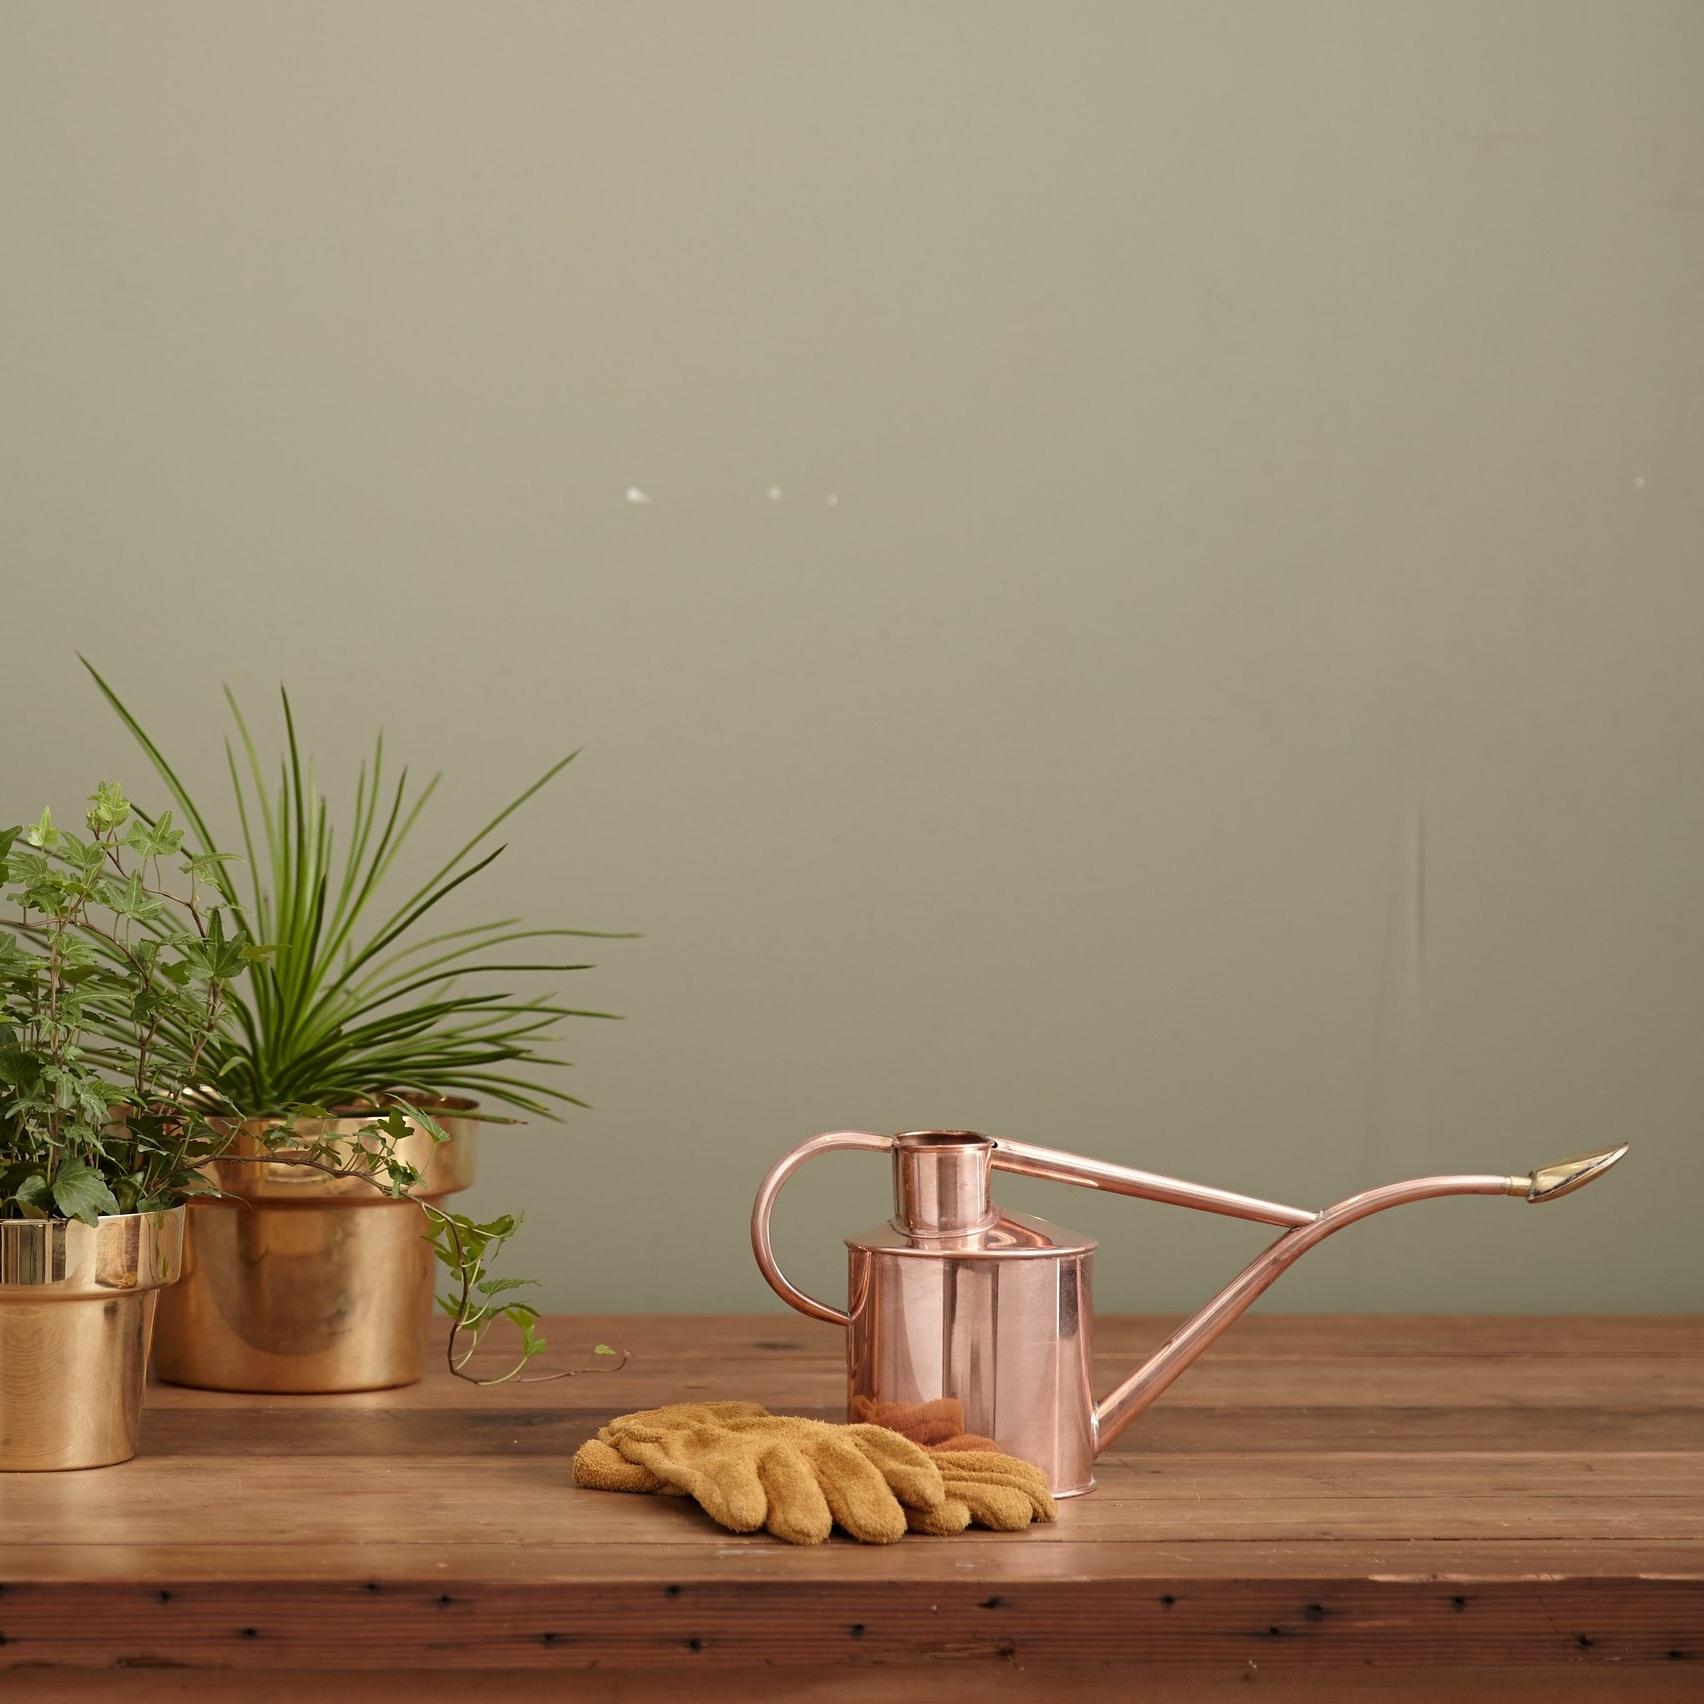 手間いらずの観葉植物を取扱 - 贈答用の花の代名詞である胡蝶蘭をいただいて、お花のお世話や処分に困ったことはありませんか。Botanismでは、手間のかからない、育てやすい観葉植物のみを厳選し、受け取った方が植物の世話や処分に困らないような、グリーンギフトをご用意しています。また植物のお手入れ方法を記したカードも付いています。